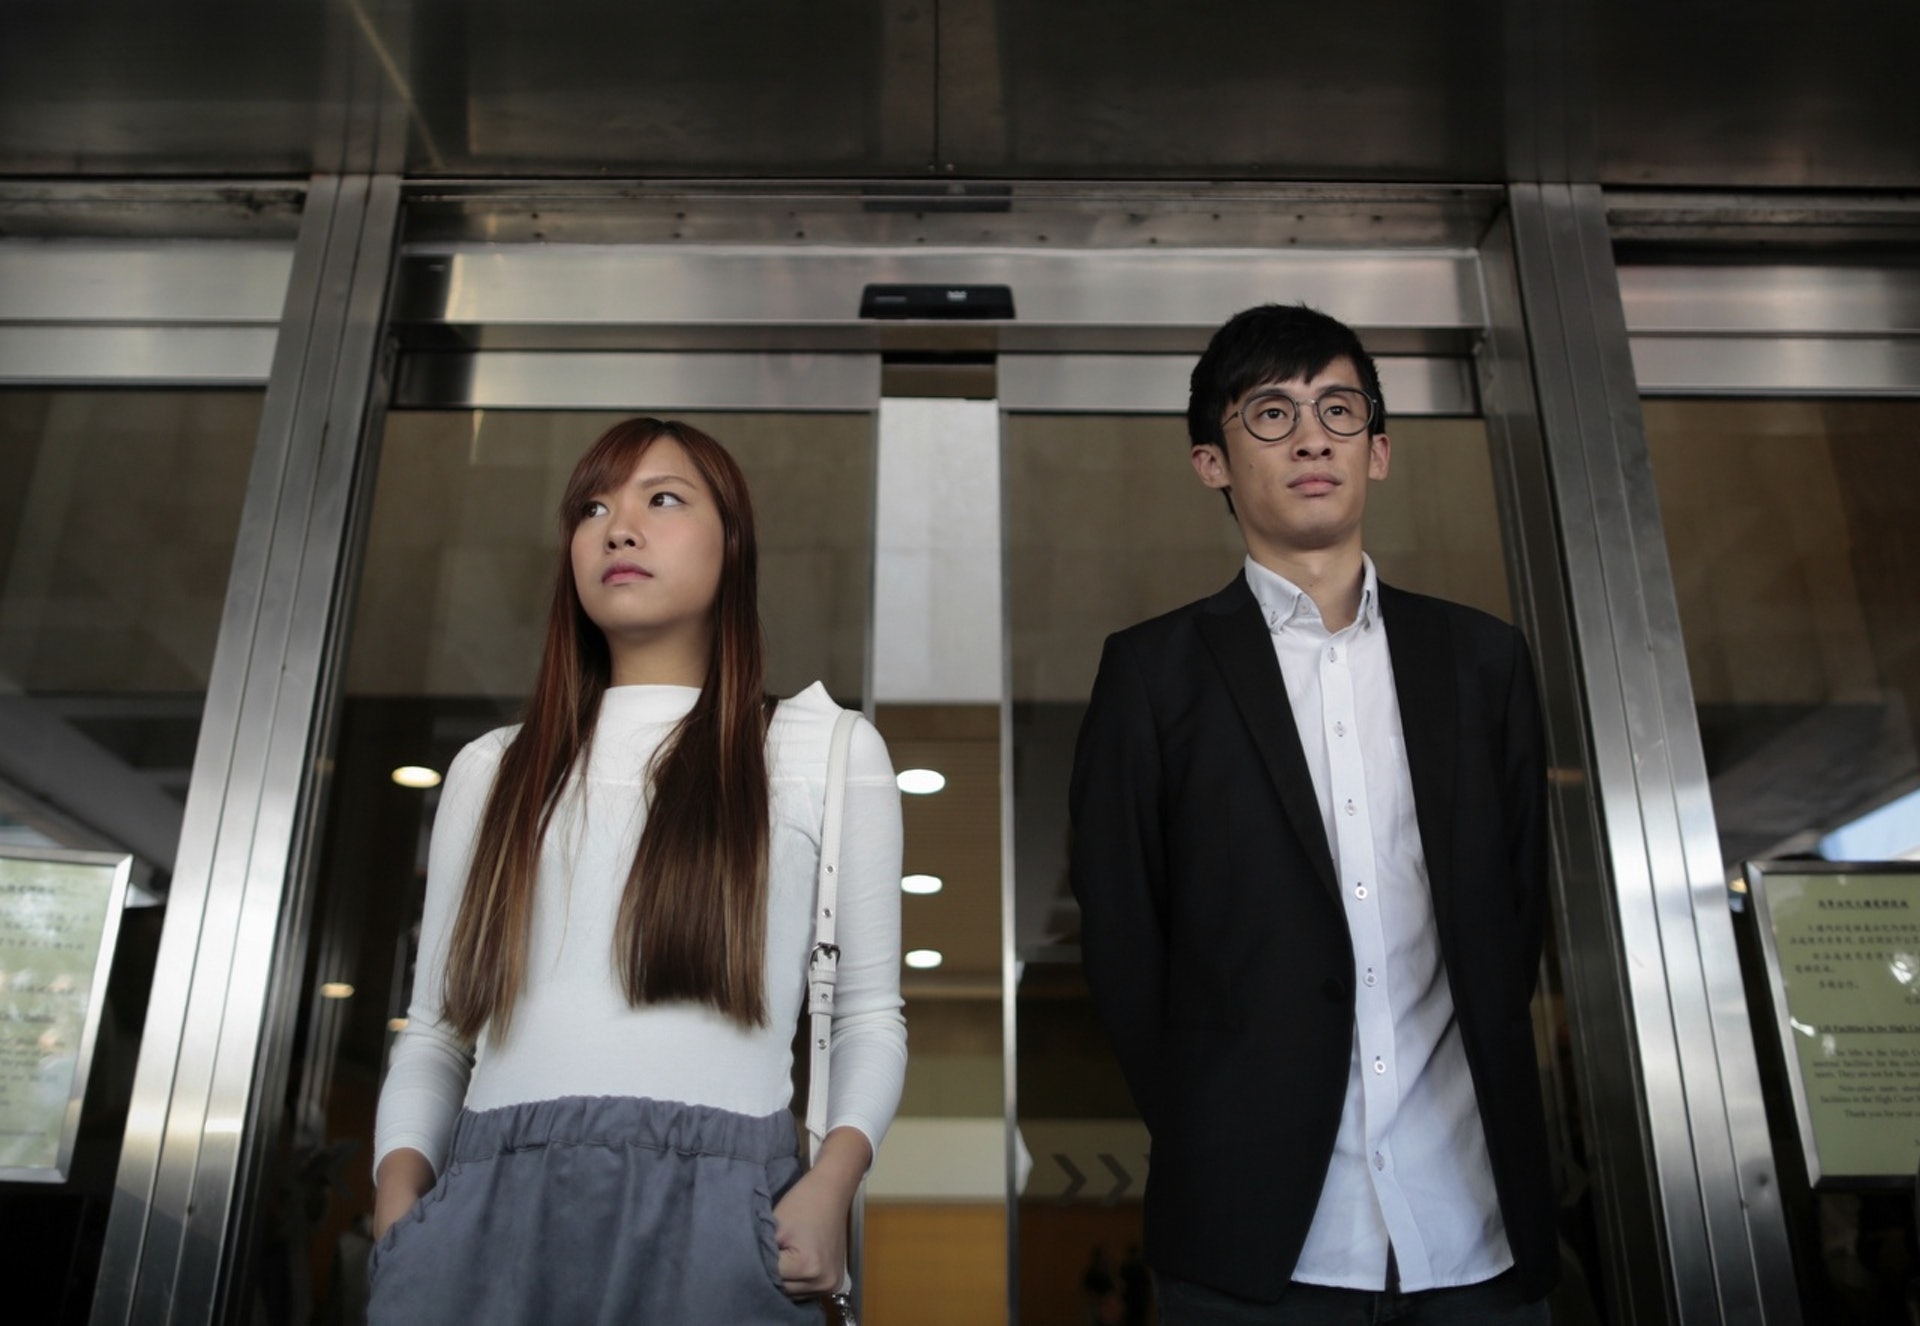 游蕙�(左)及梁��a被取消��立法���h�T�Y格後,又要面��可能牢�z之�摹#ㄙY料�D片)